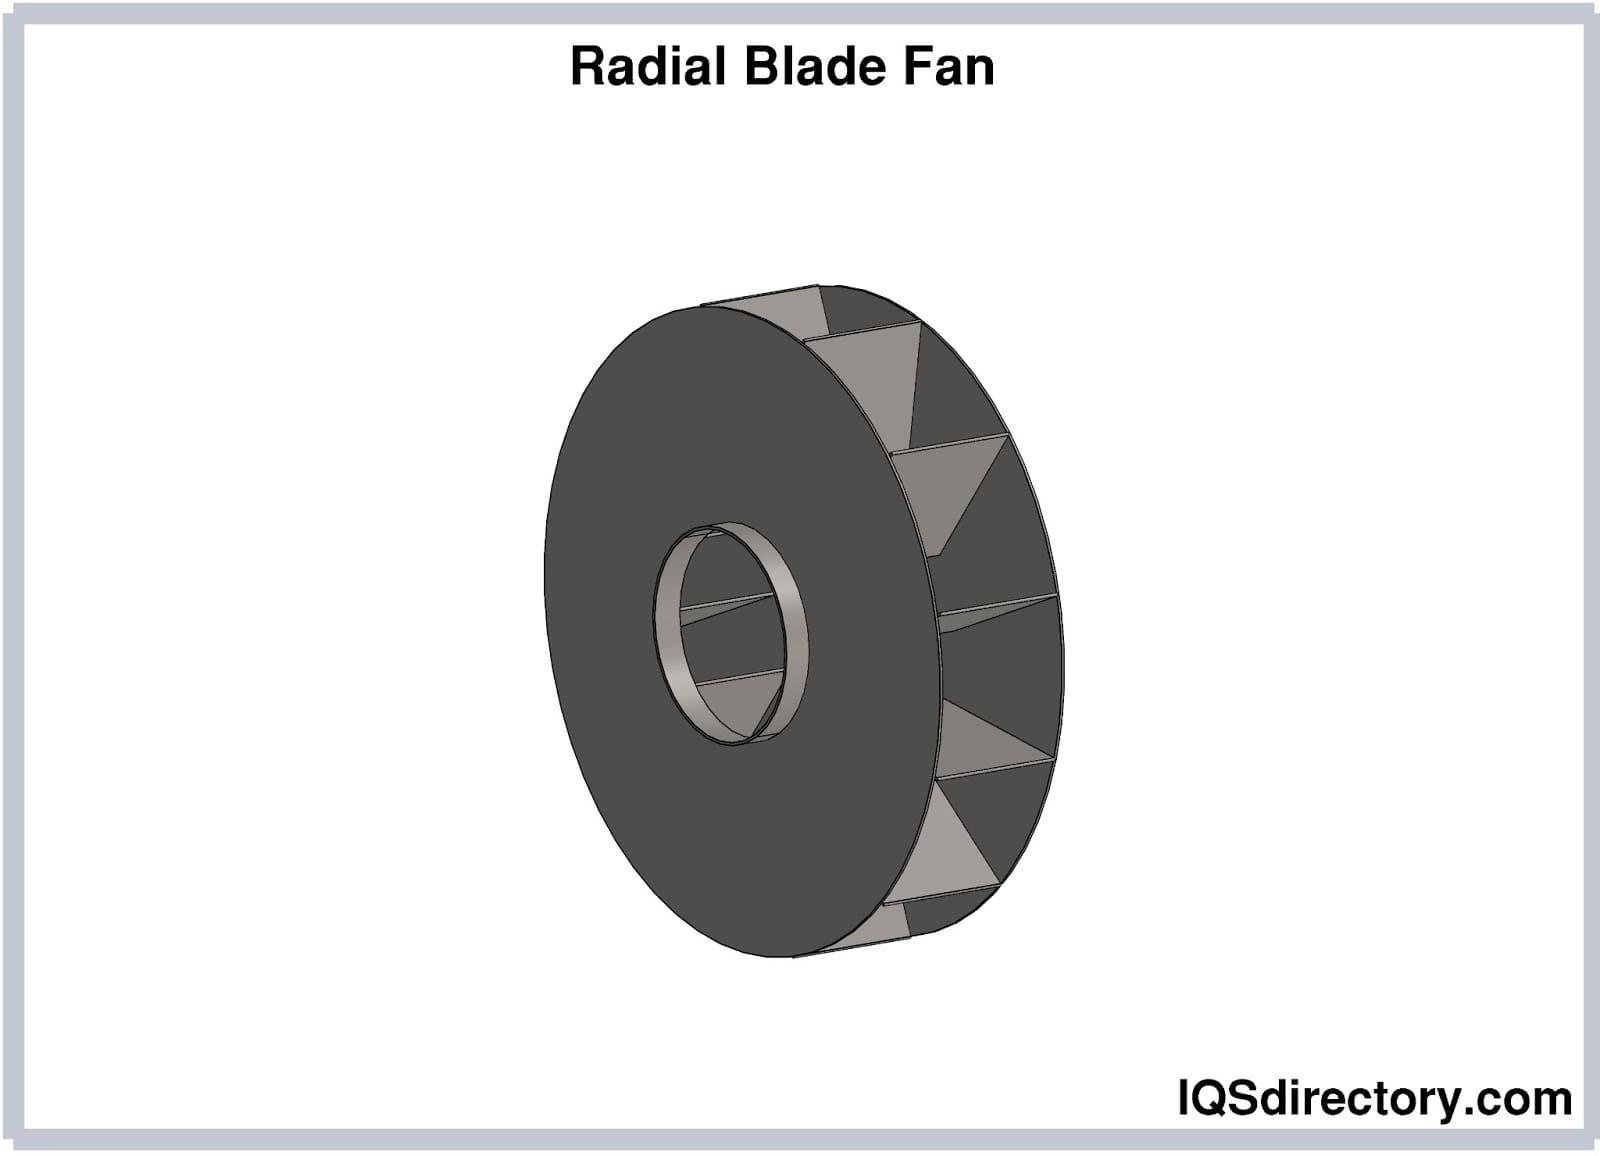 Radial Blade Fan